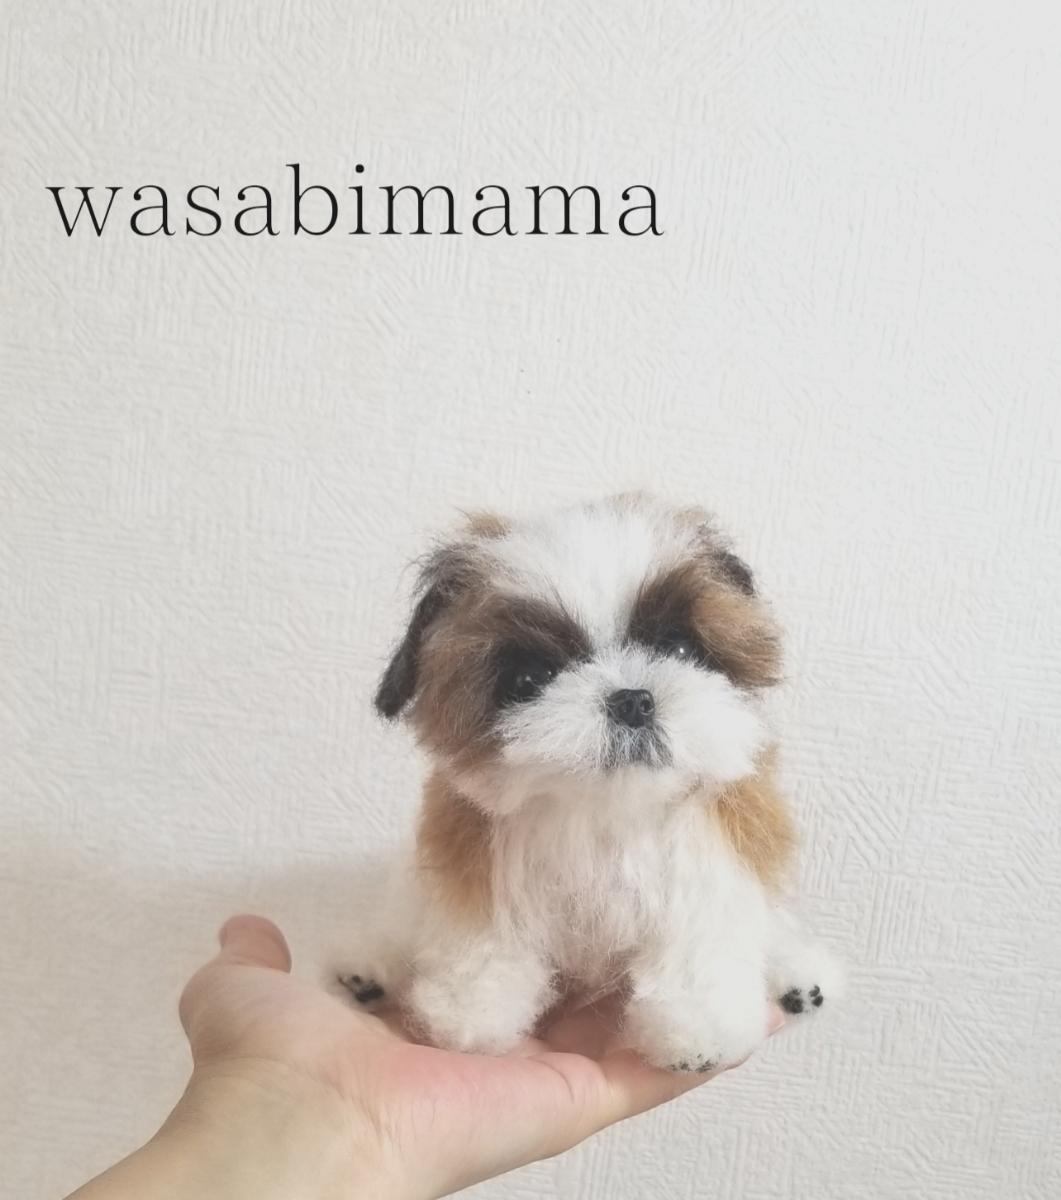 羊毛フェルト、シーズー、子犬、犬_画像2